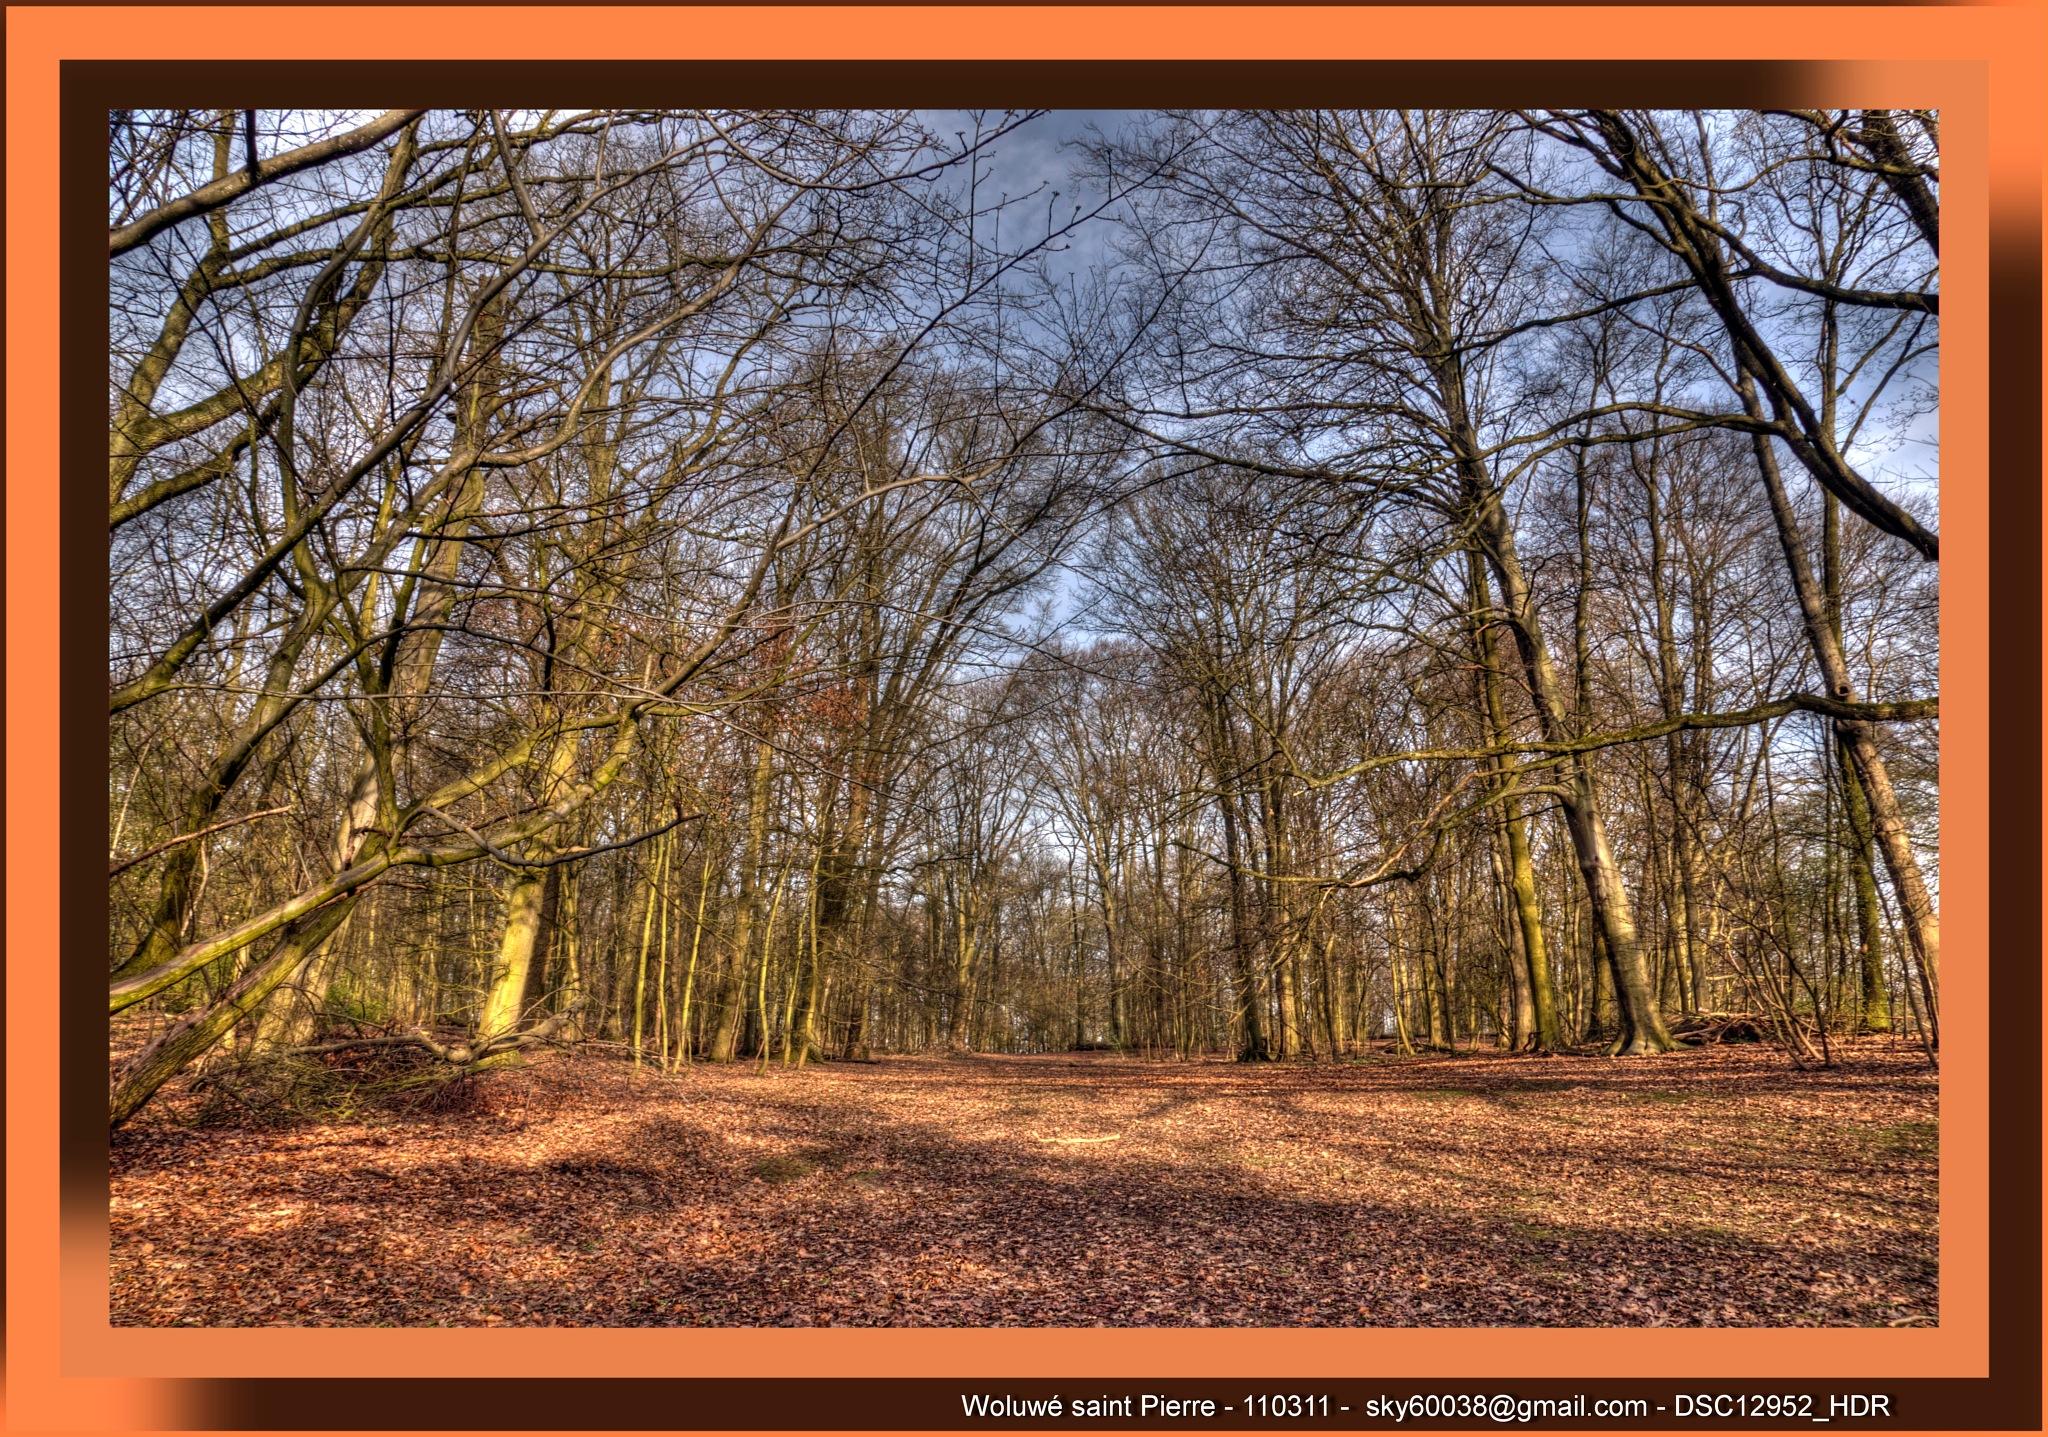 Le Parc de Woluwe  by Boyer Olivier Pascal Louis